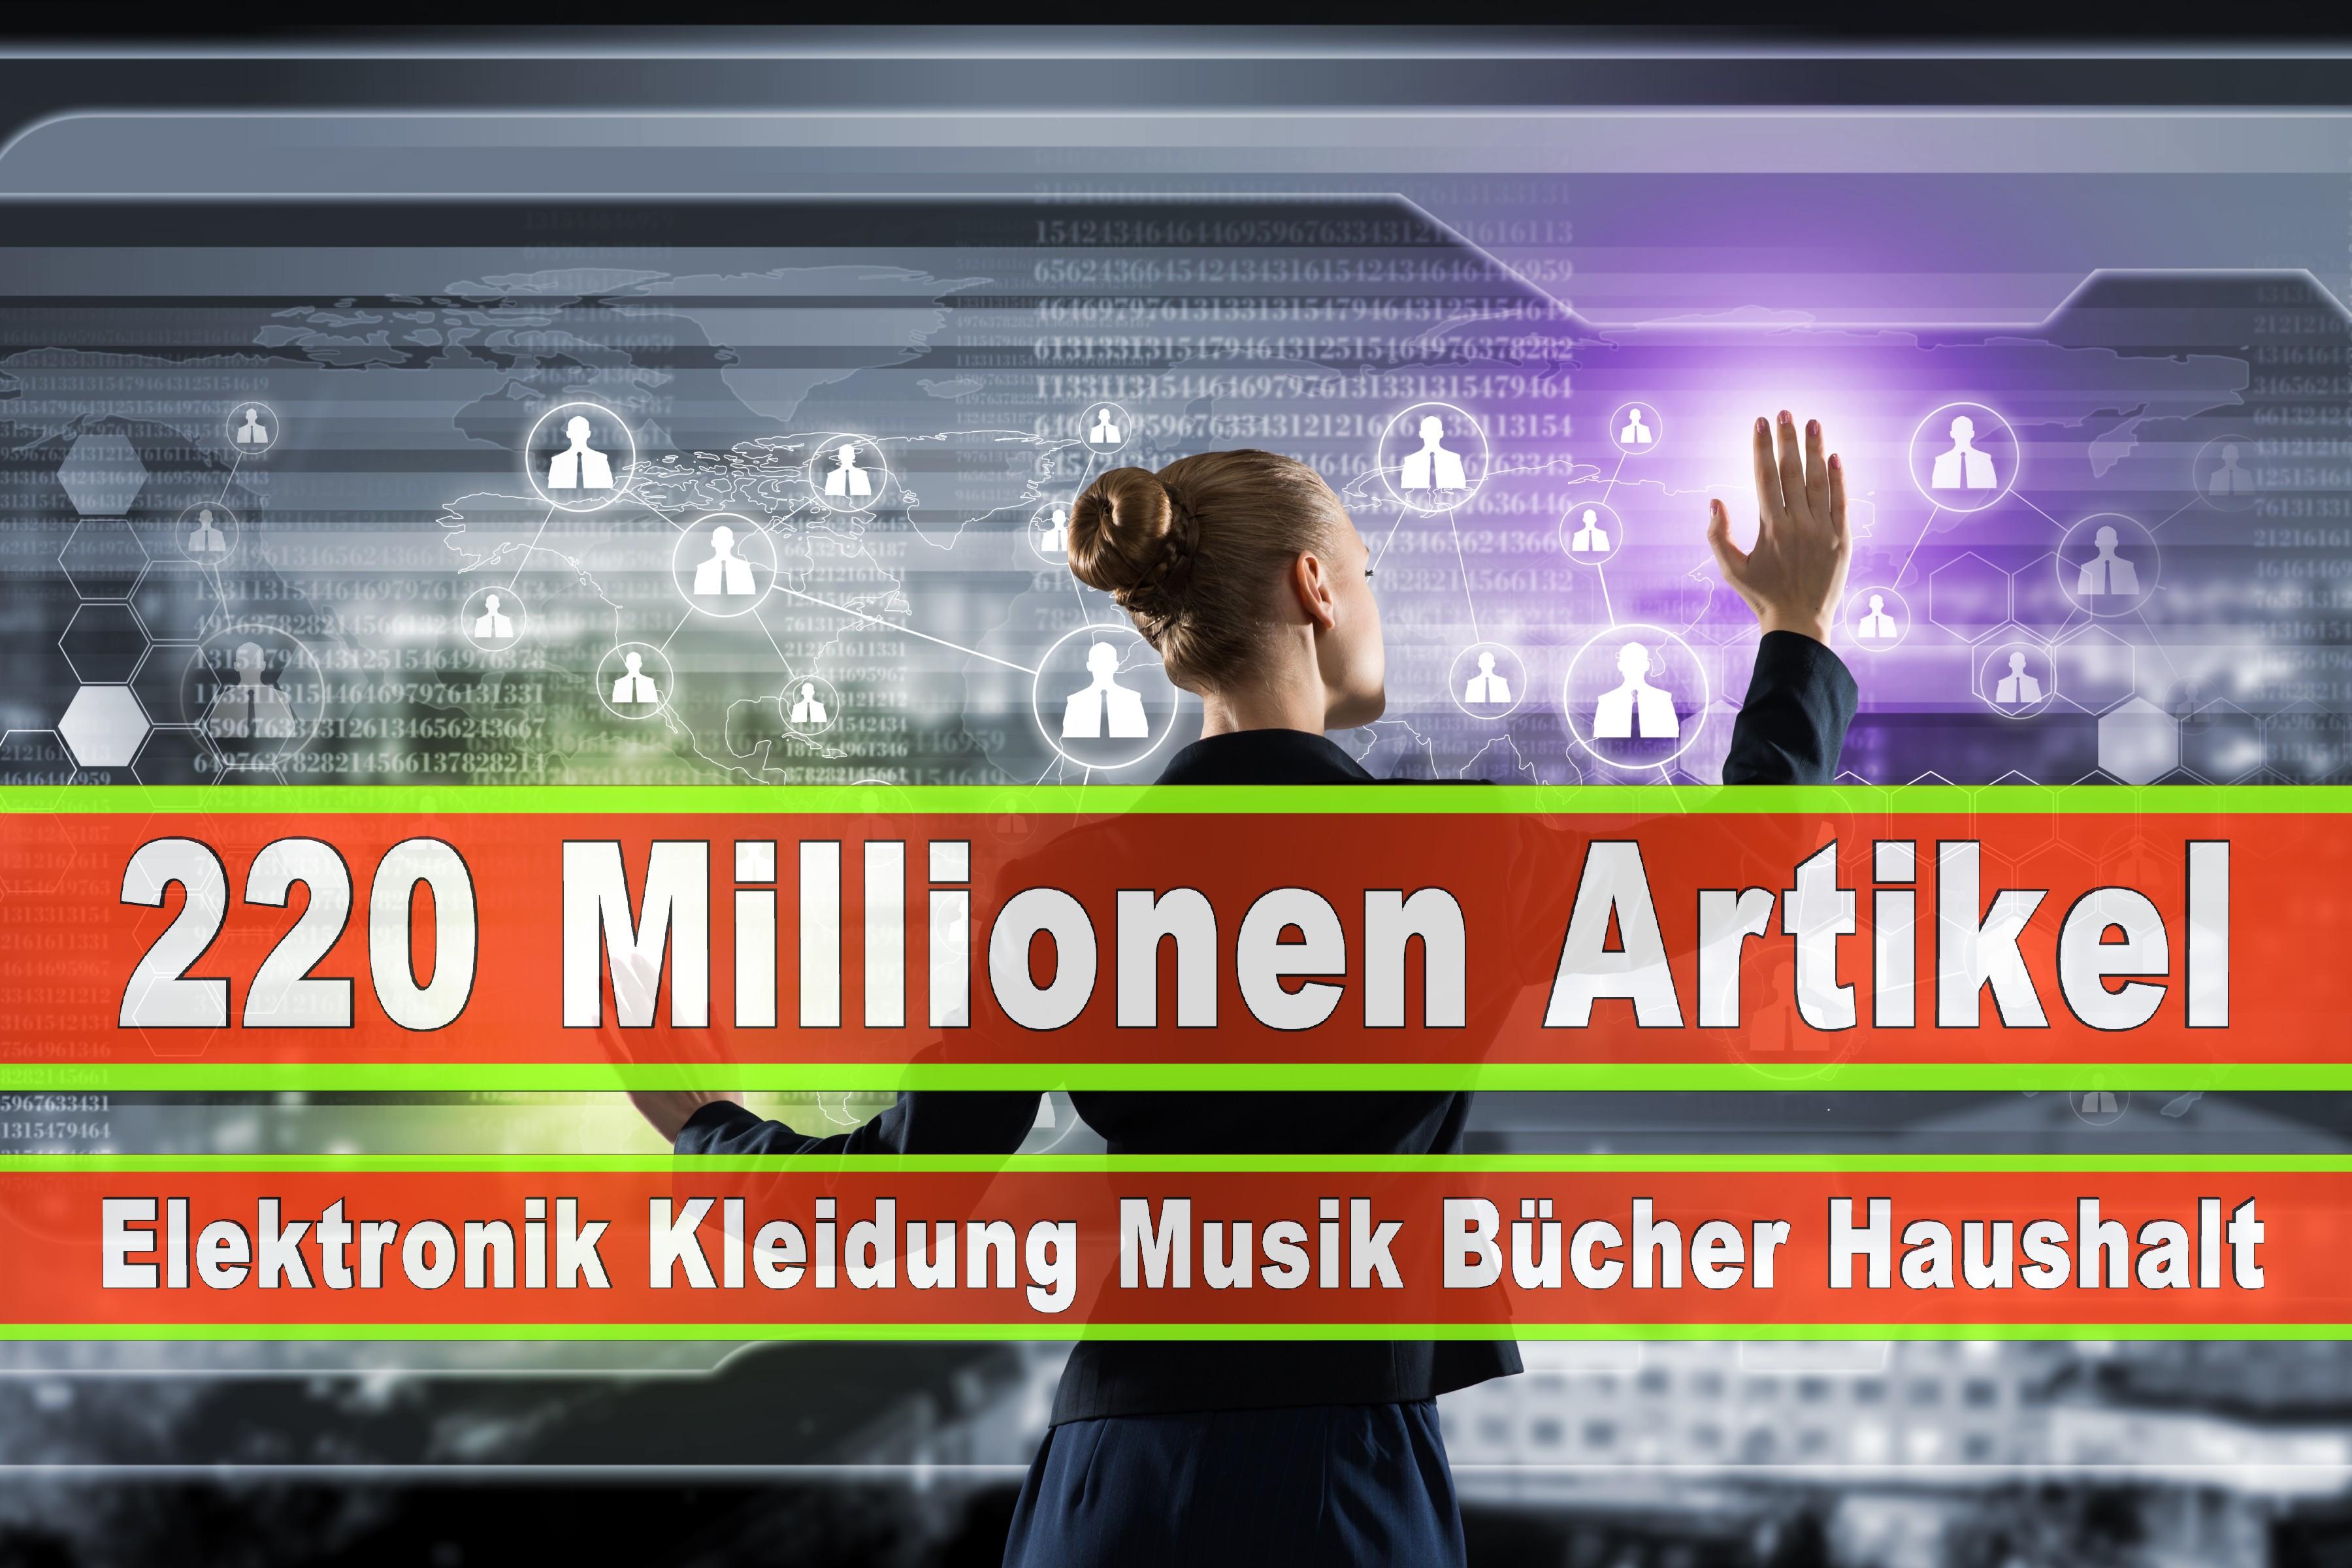 Amazon Elektronik Musik Haushalt Bücher CD DVD Handys Smartphones TV Television Fernseher Kleidung Mode Ebay Versandhaus (162)